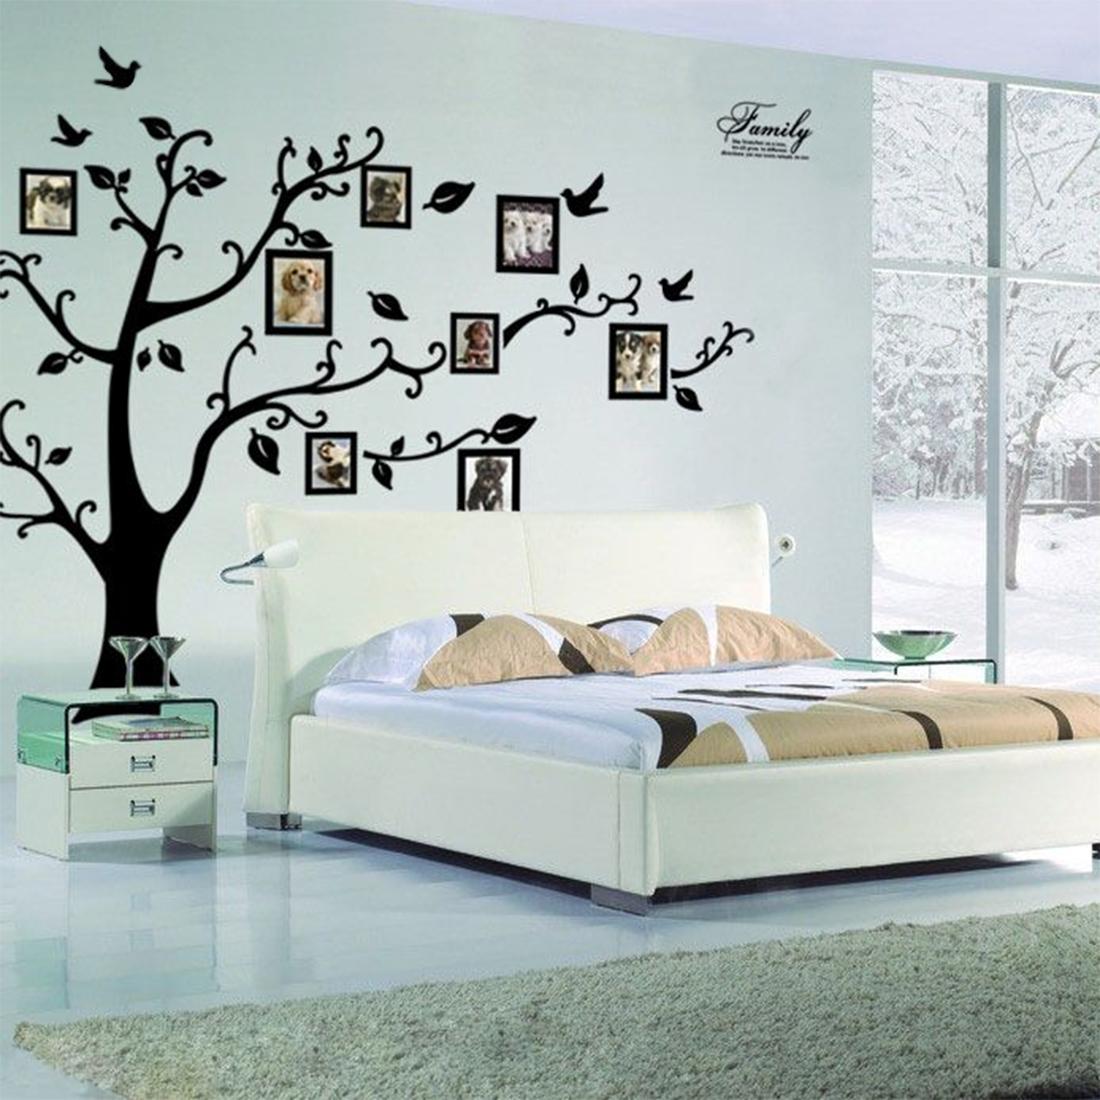 bomen en bloemen muurstickers - bekijk alle stickers, Deco ideeën